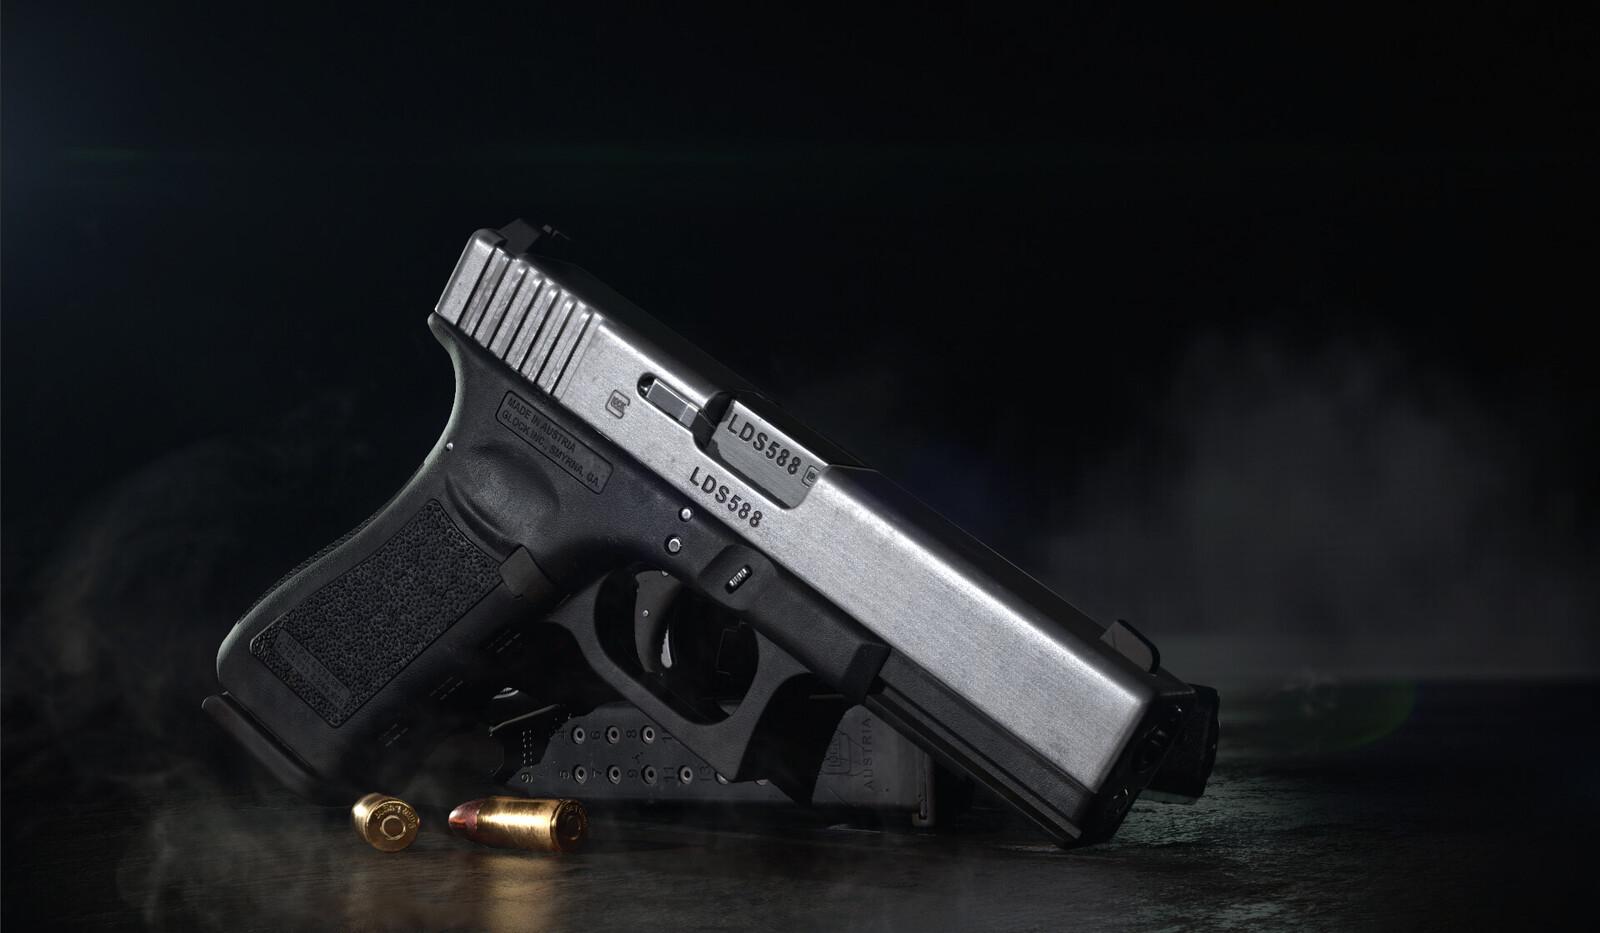 Glock 17 Gen 3 classic